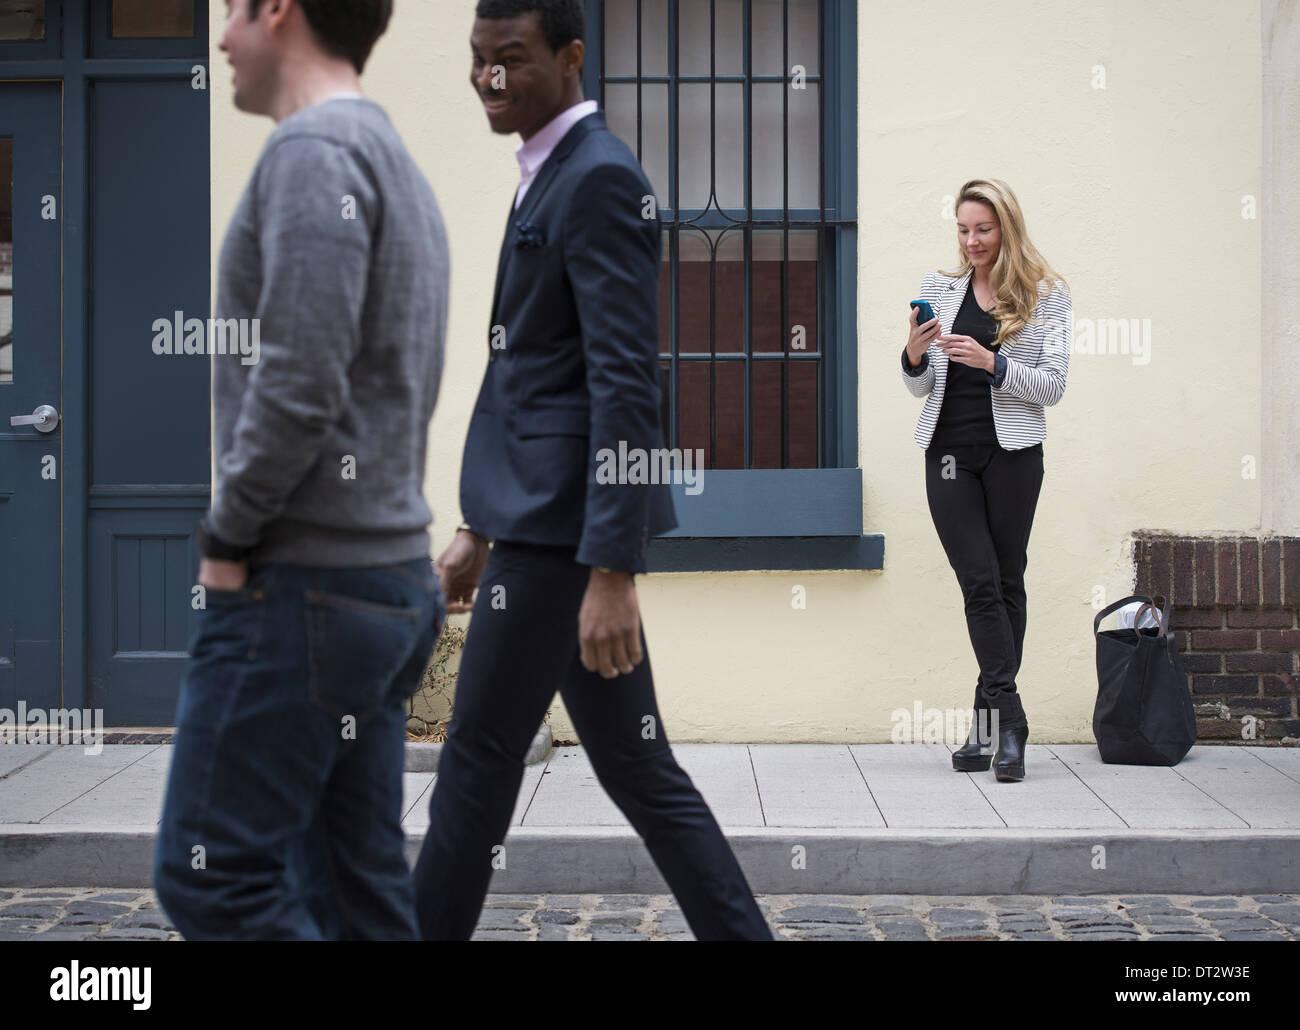 Los jóvenes al aire libre en las calles de la ciudad en primavera una mujer sobre su propio pasado y dos hombres caminando en la calle adoquinada Imagen De Stock